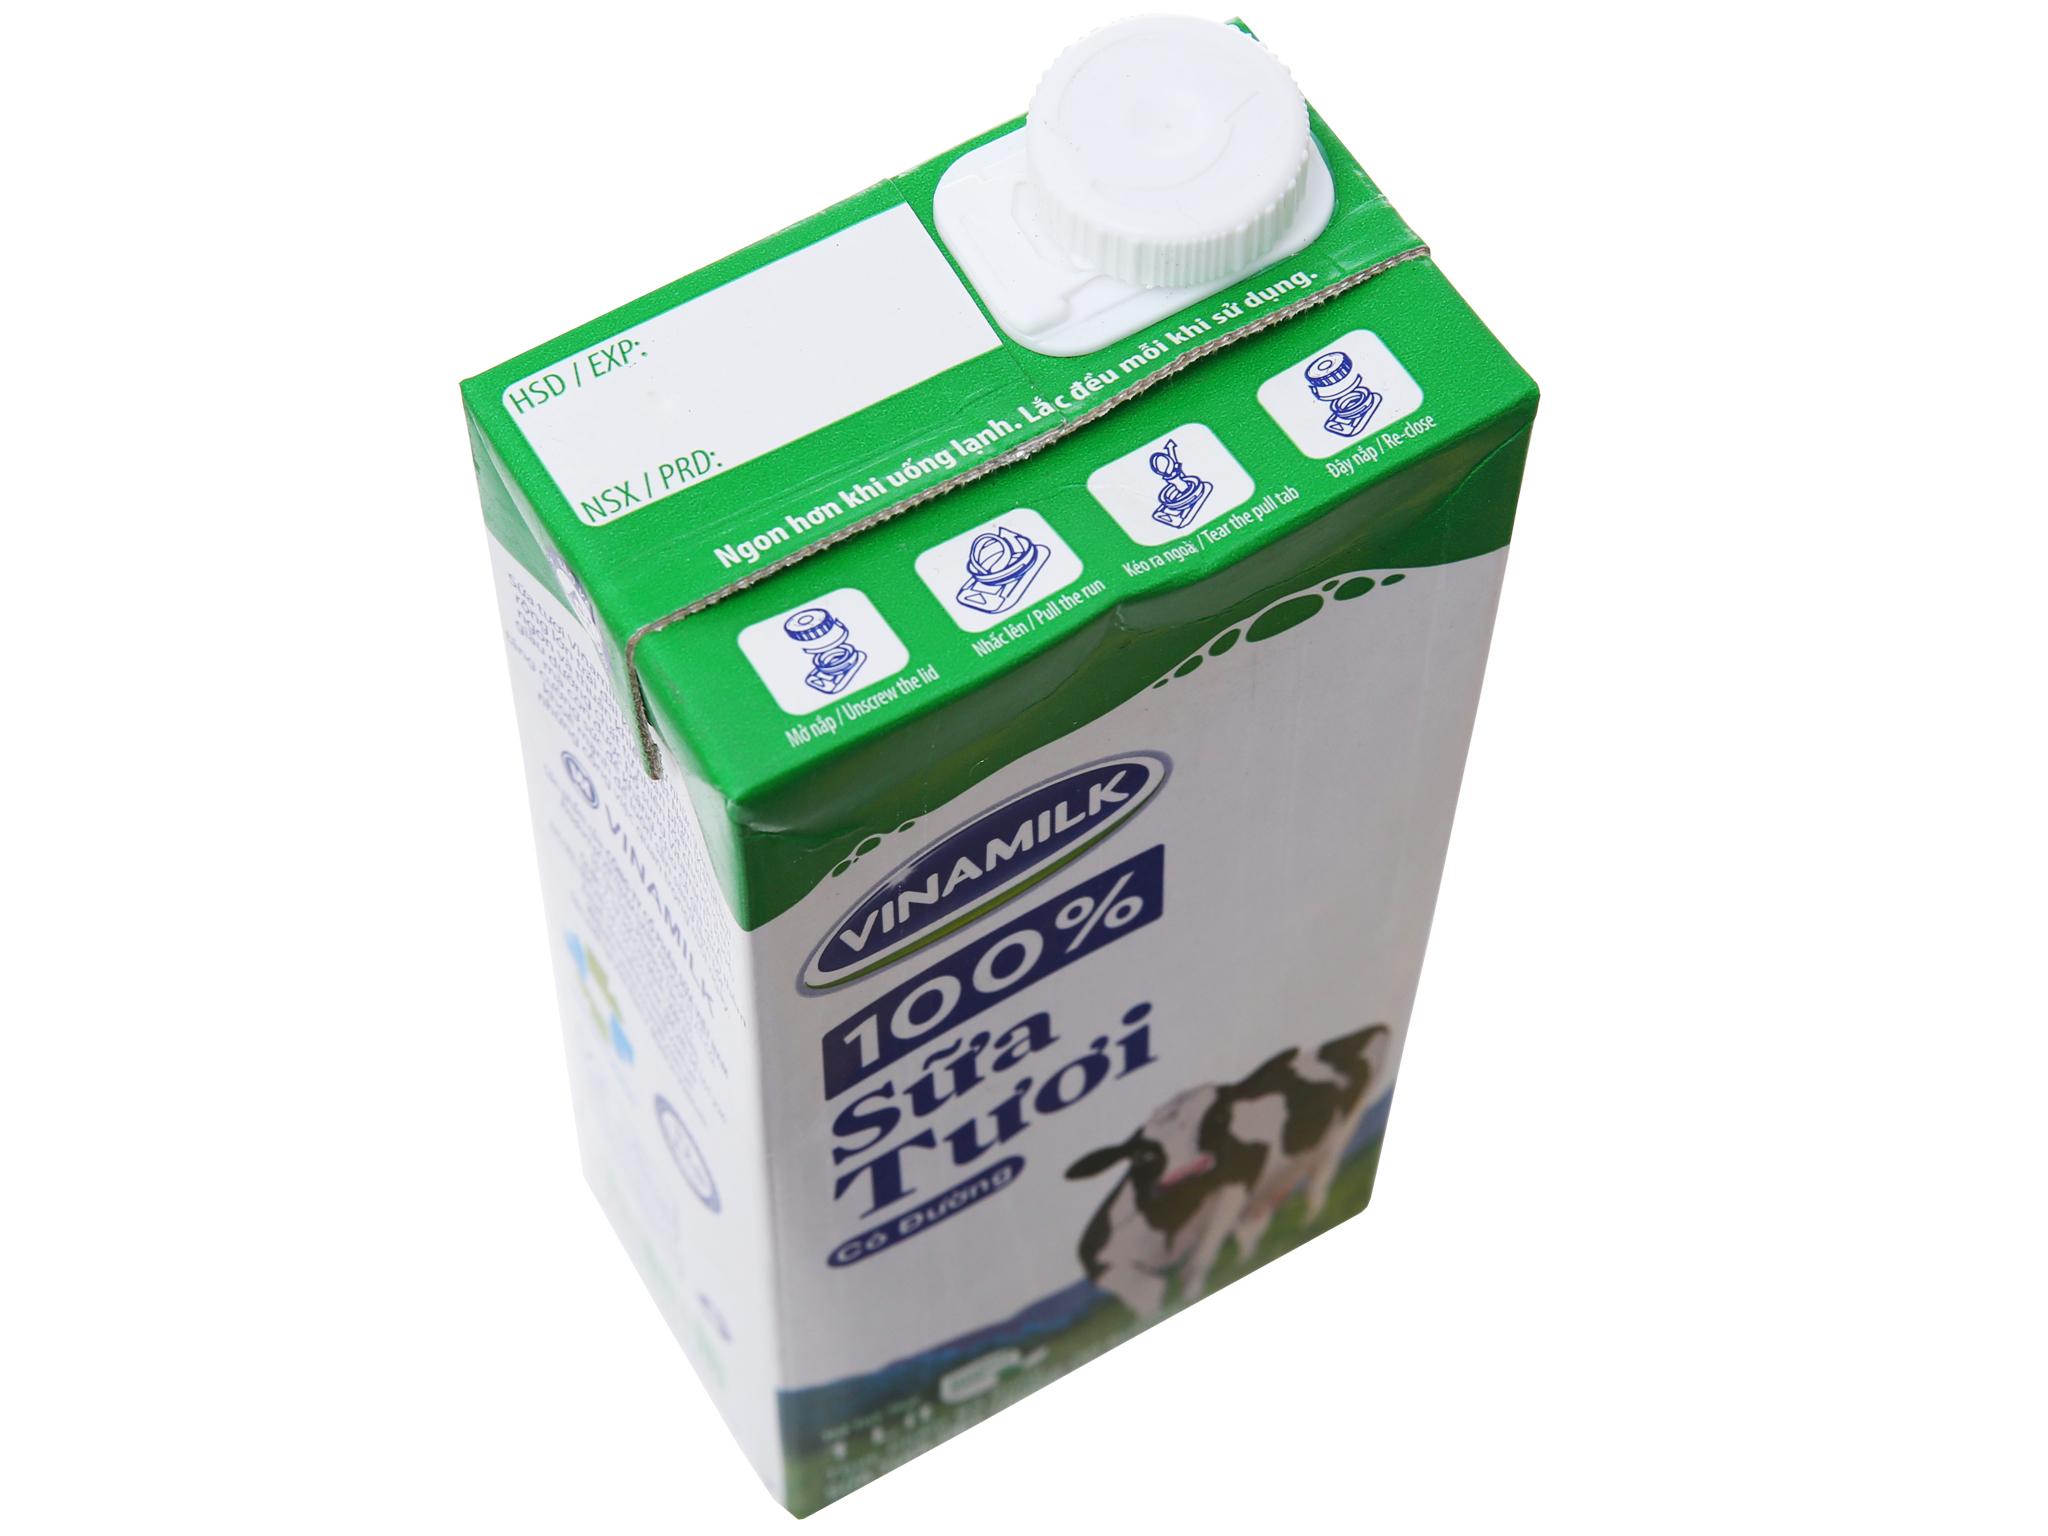 Sữa tươi có đường Vinamilk 100% Sữa Tươi hộp 1 lít 3